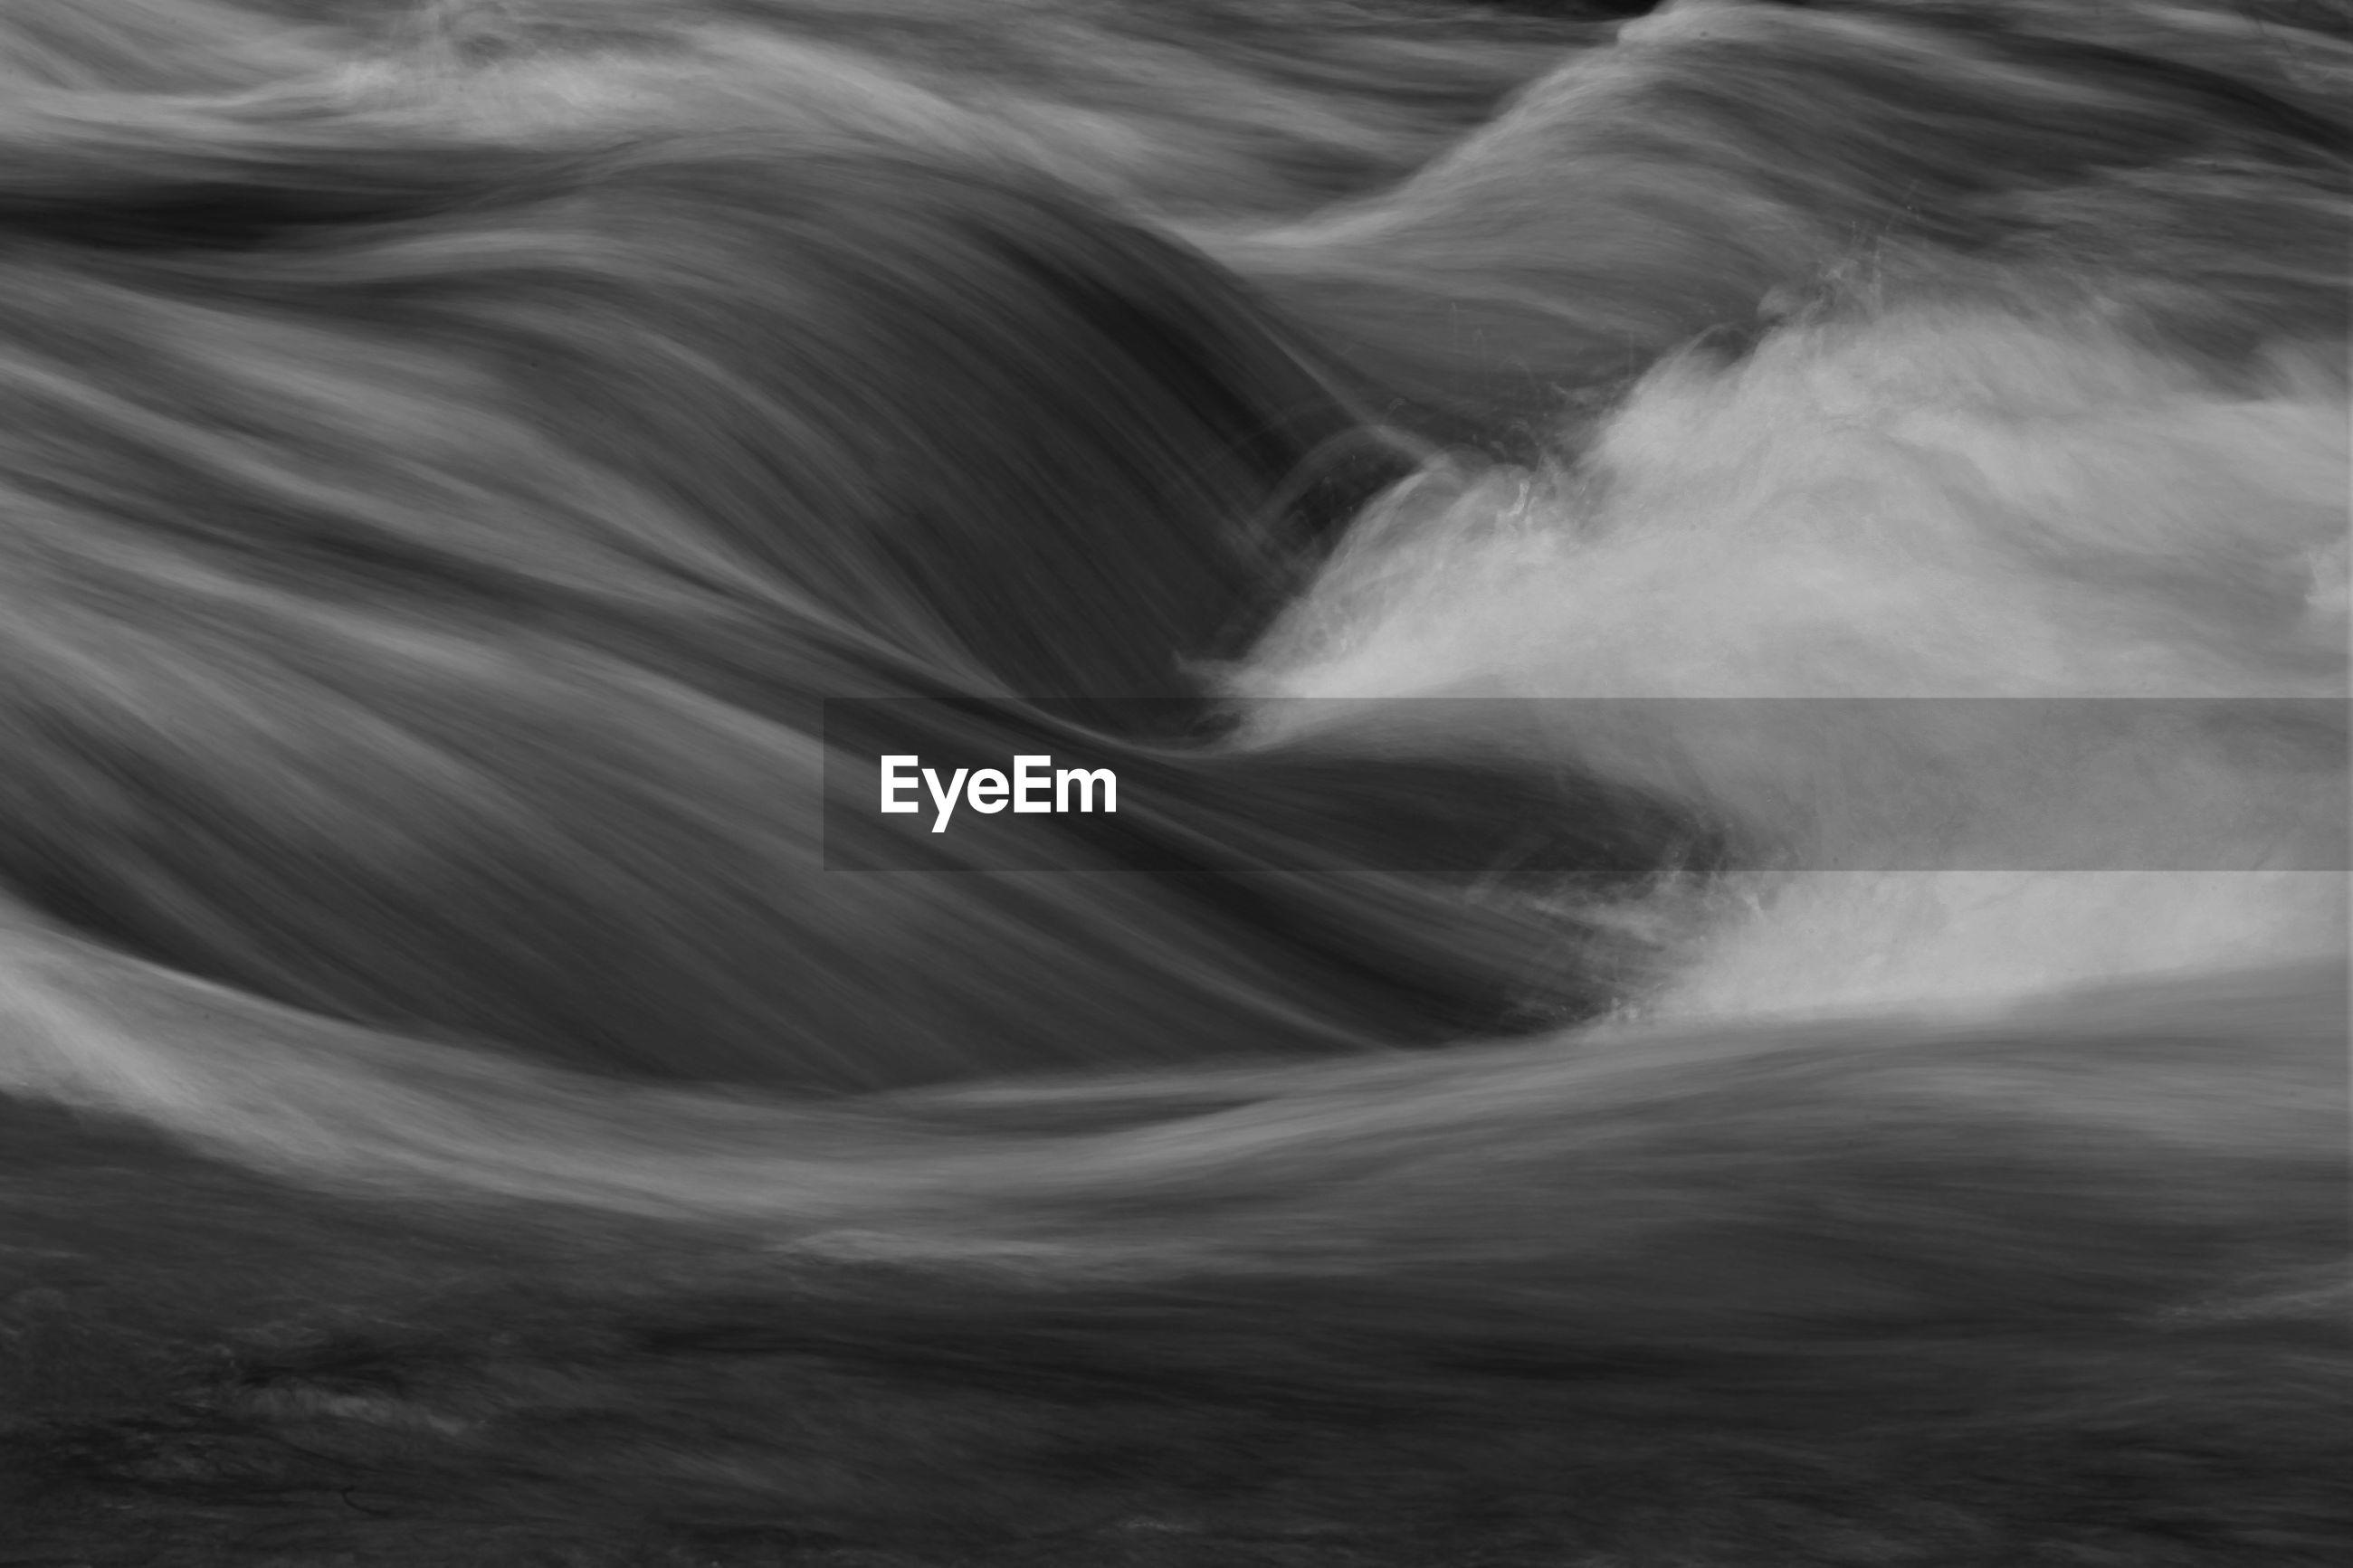 Long exposure of wave in sea